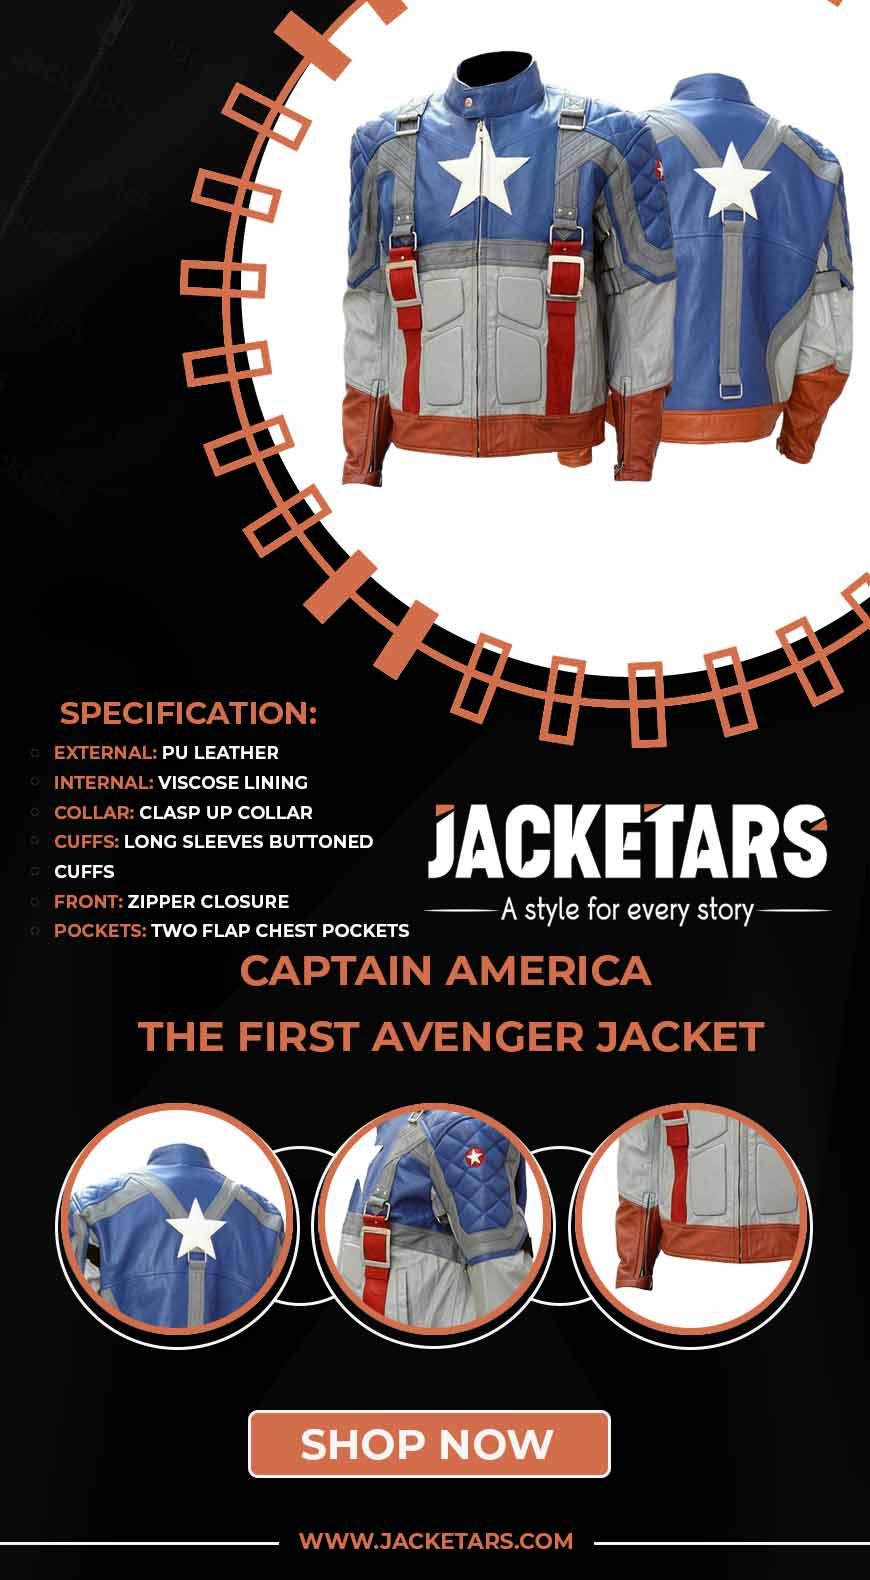 Captain America The First Avenger Jacket info